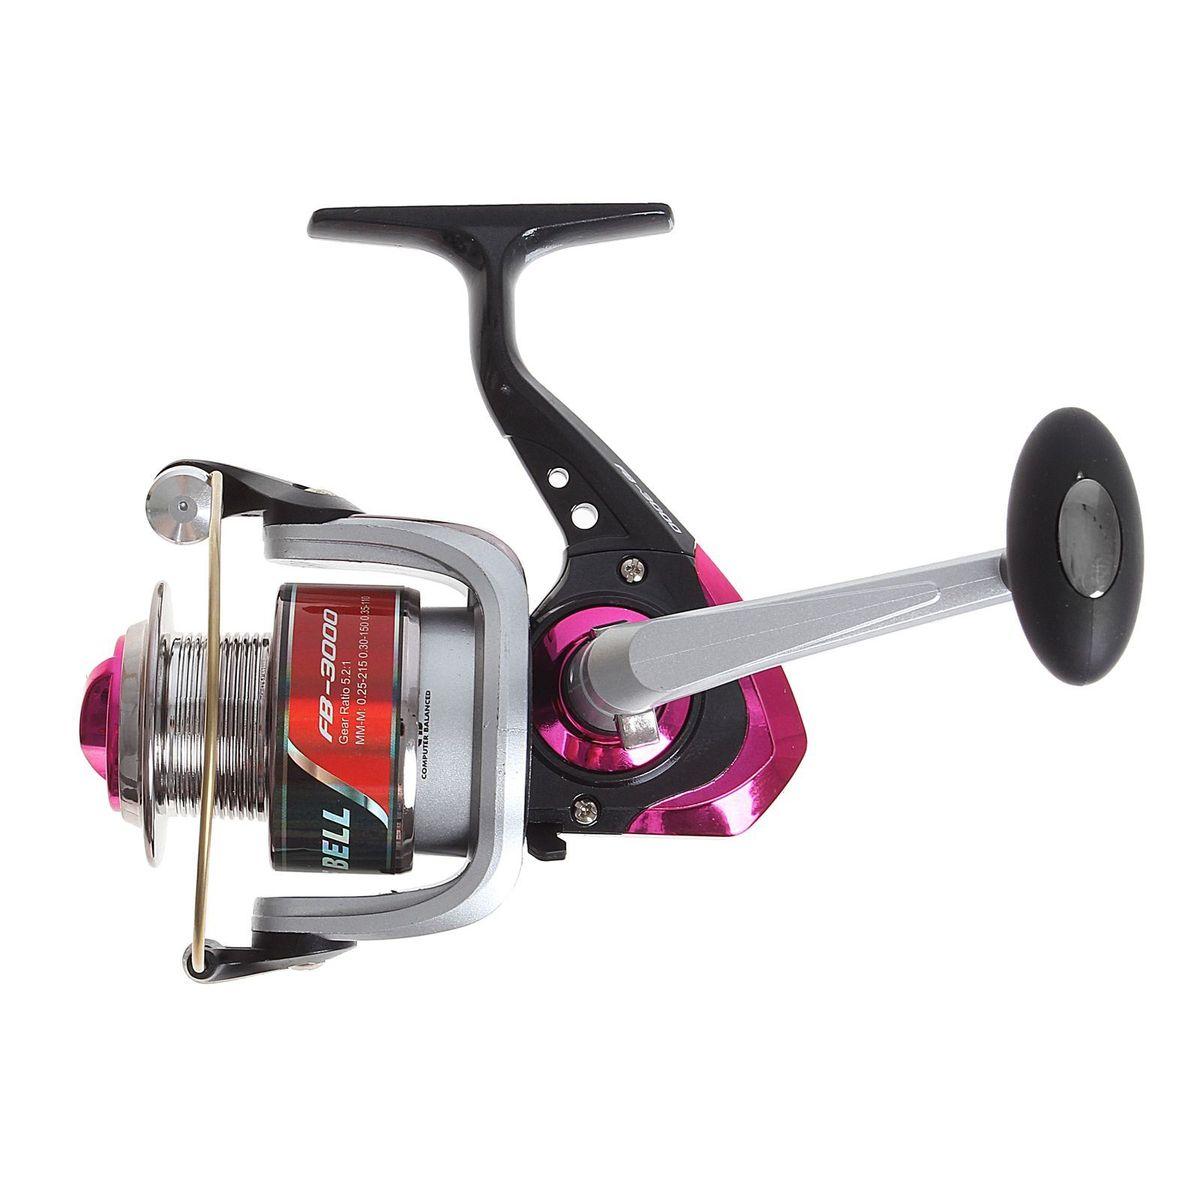 Катушка безынерционная Onlitop 1BB FB 3000, цвет: красный, 1 подшипникJBL7103300Катушка 1BB FB 3000 это универсальная модель «эконом»-класса для разных условий рыбалки, отличный выбор для начинающих рыболовов.